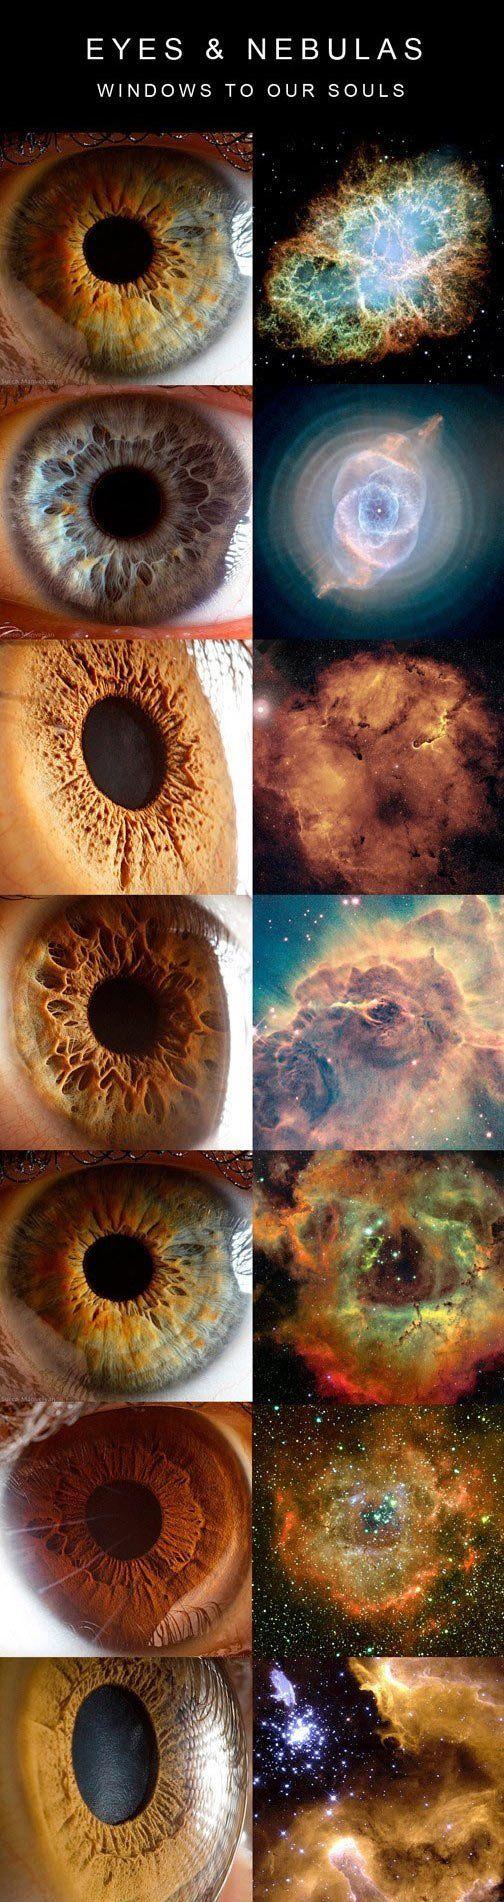 Eyes and nebulas: how strange the resemblance.